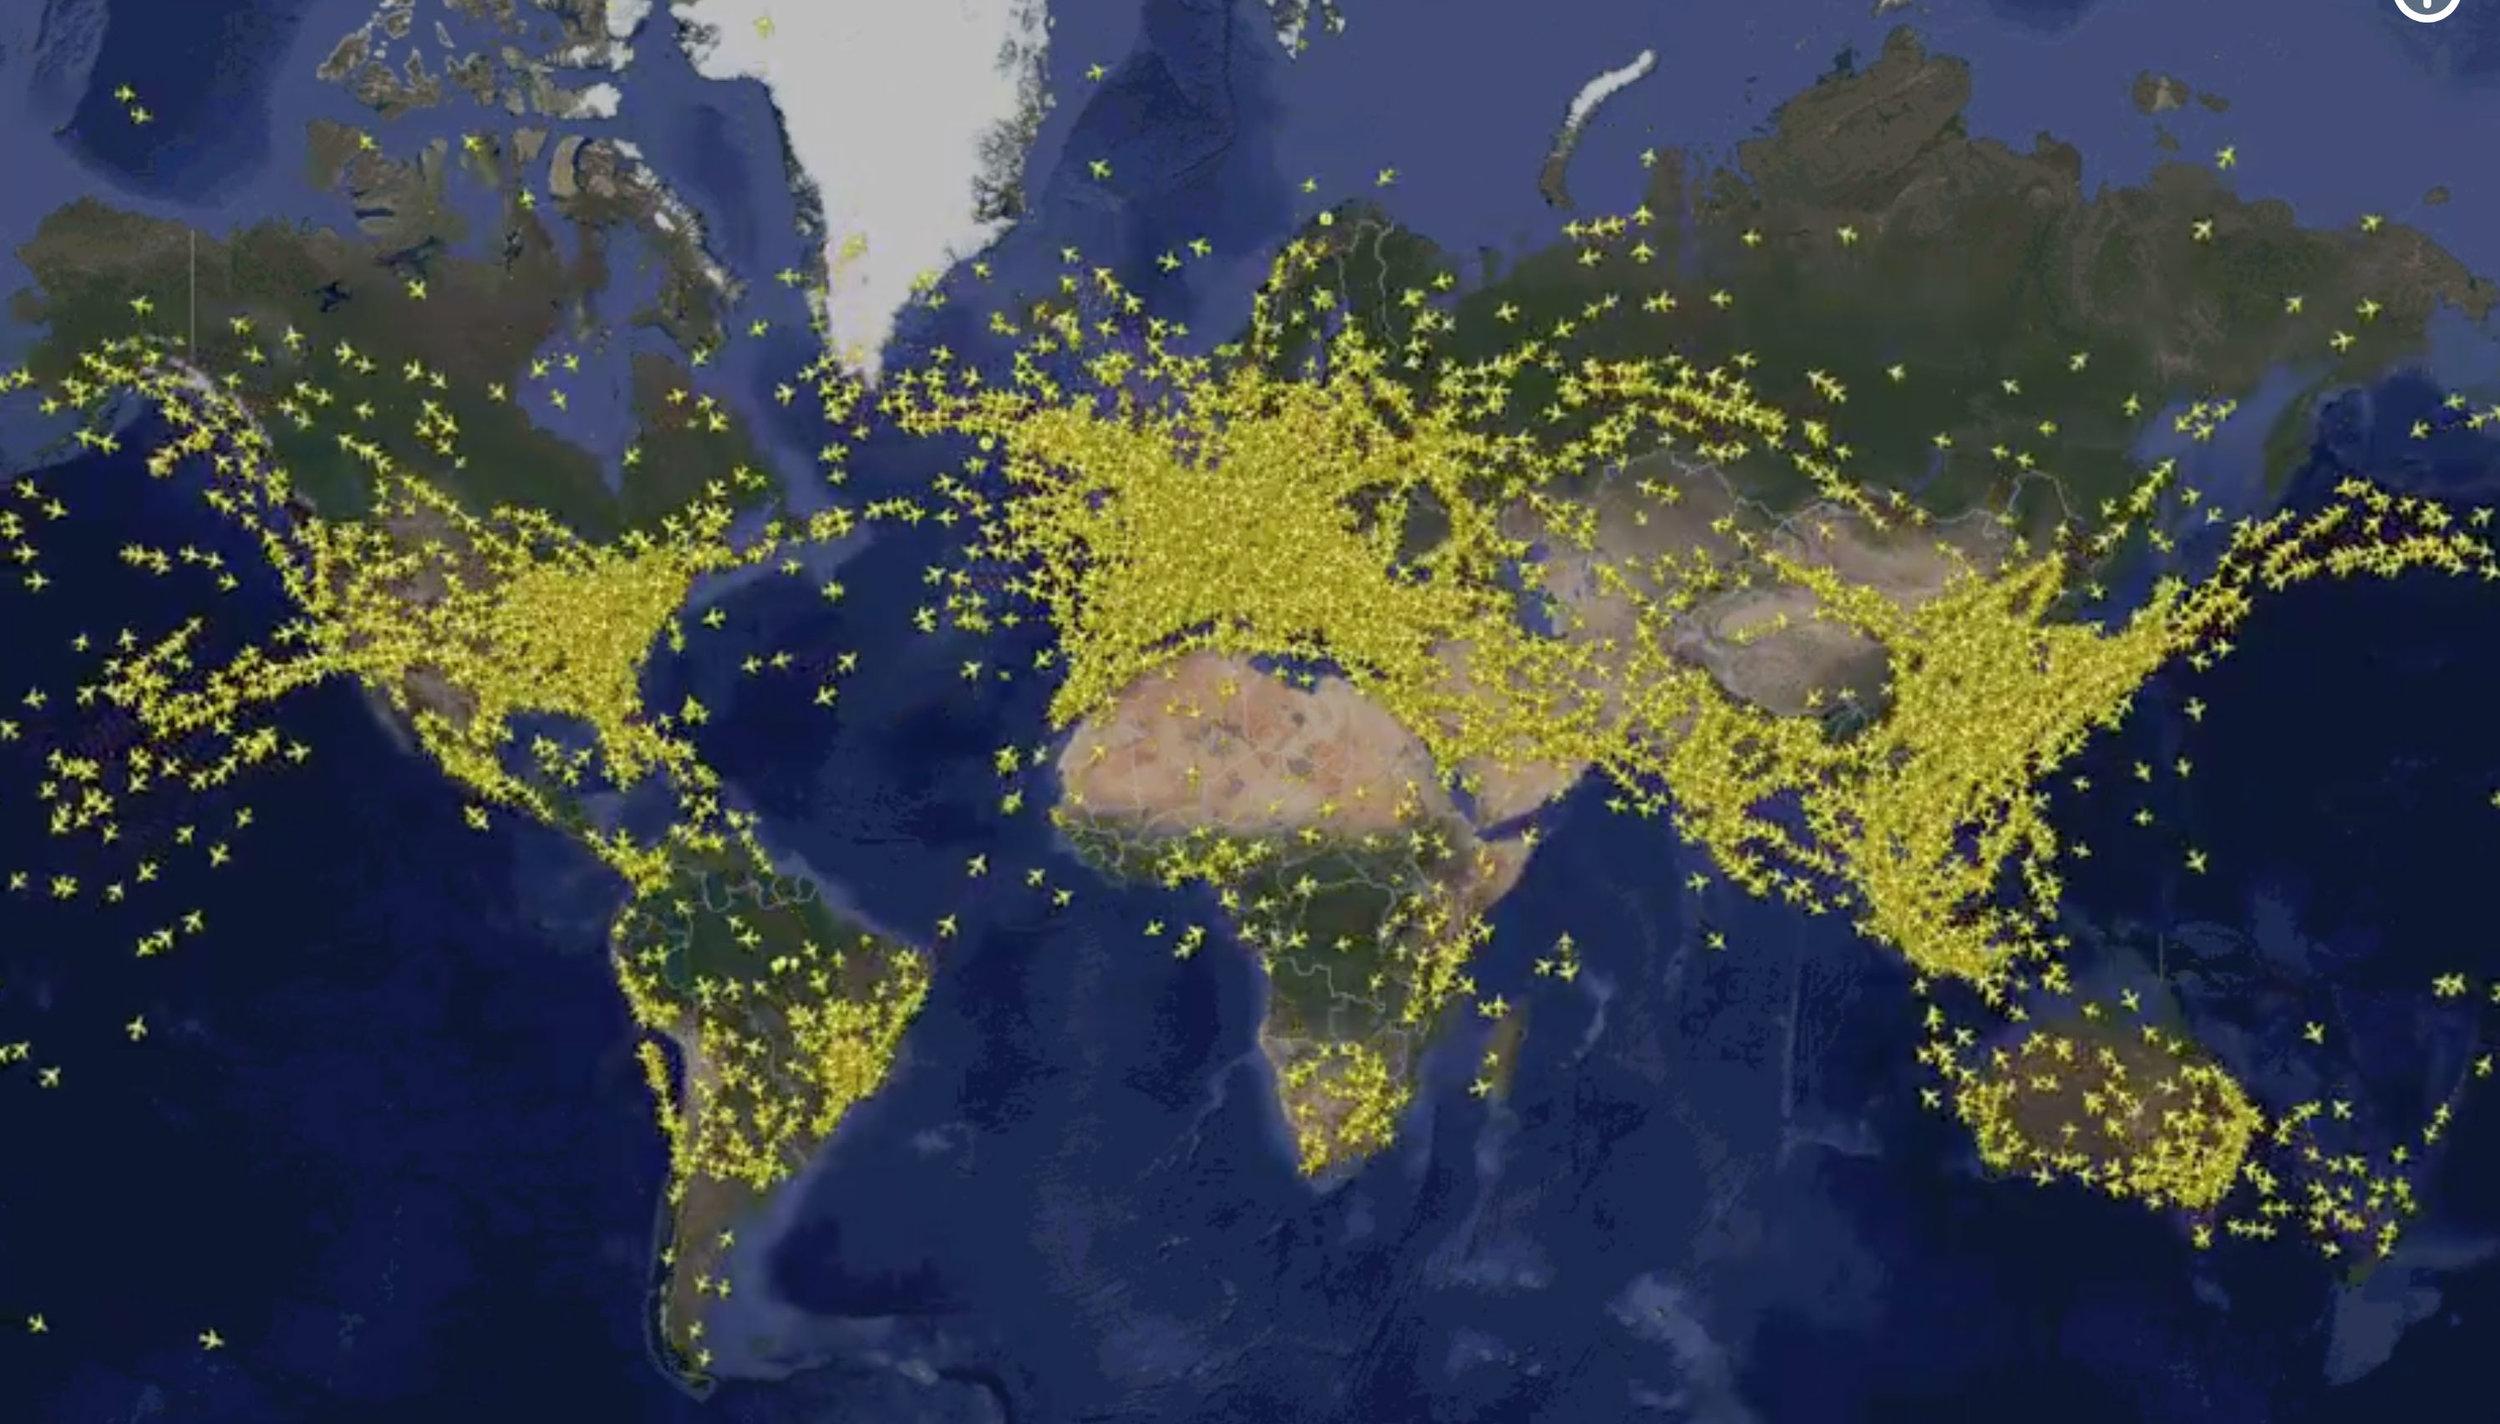 Tilannekuva maailman yhtäaikaisesta lentoliikenteestä. Lähde:  https://www.flightradar24.com/